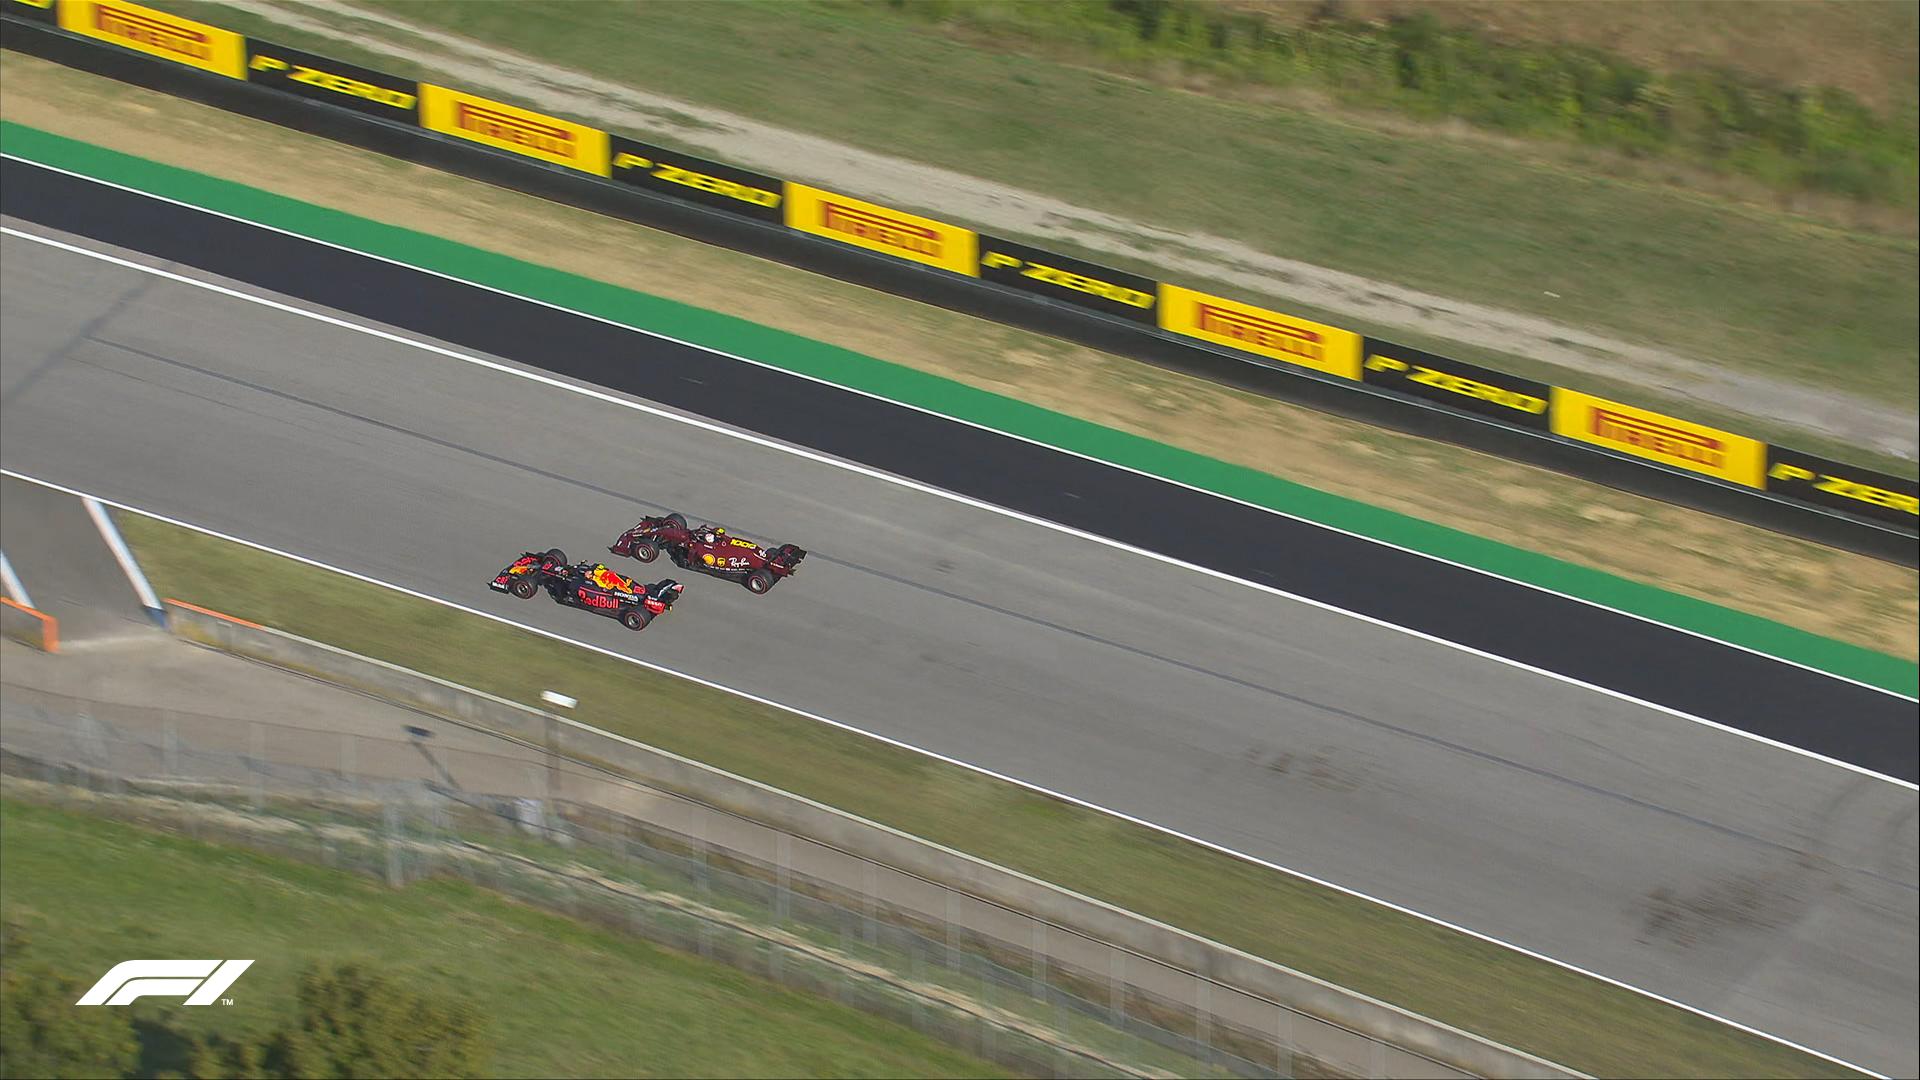 GP Toscana 2020-Analisi gara